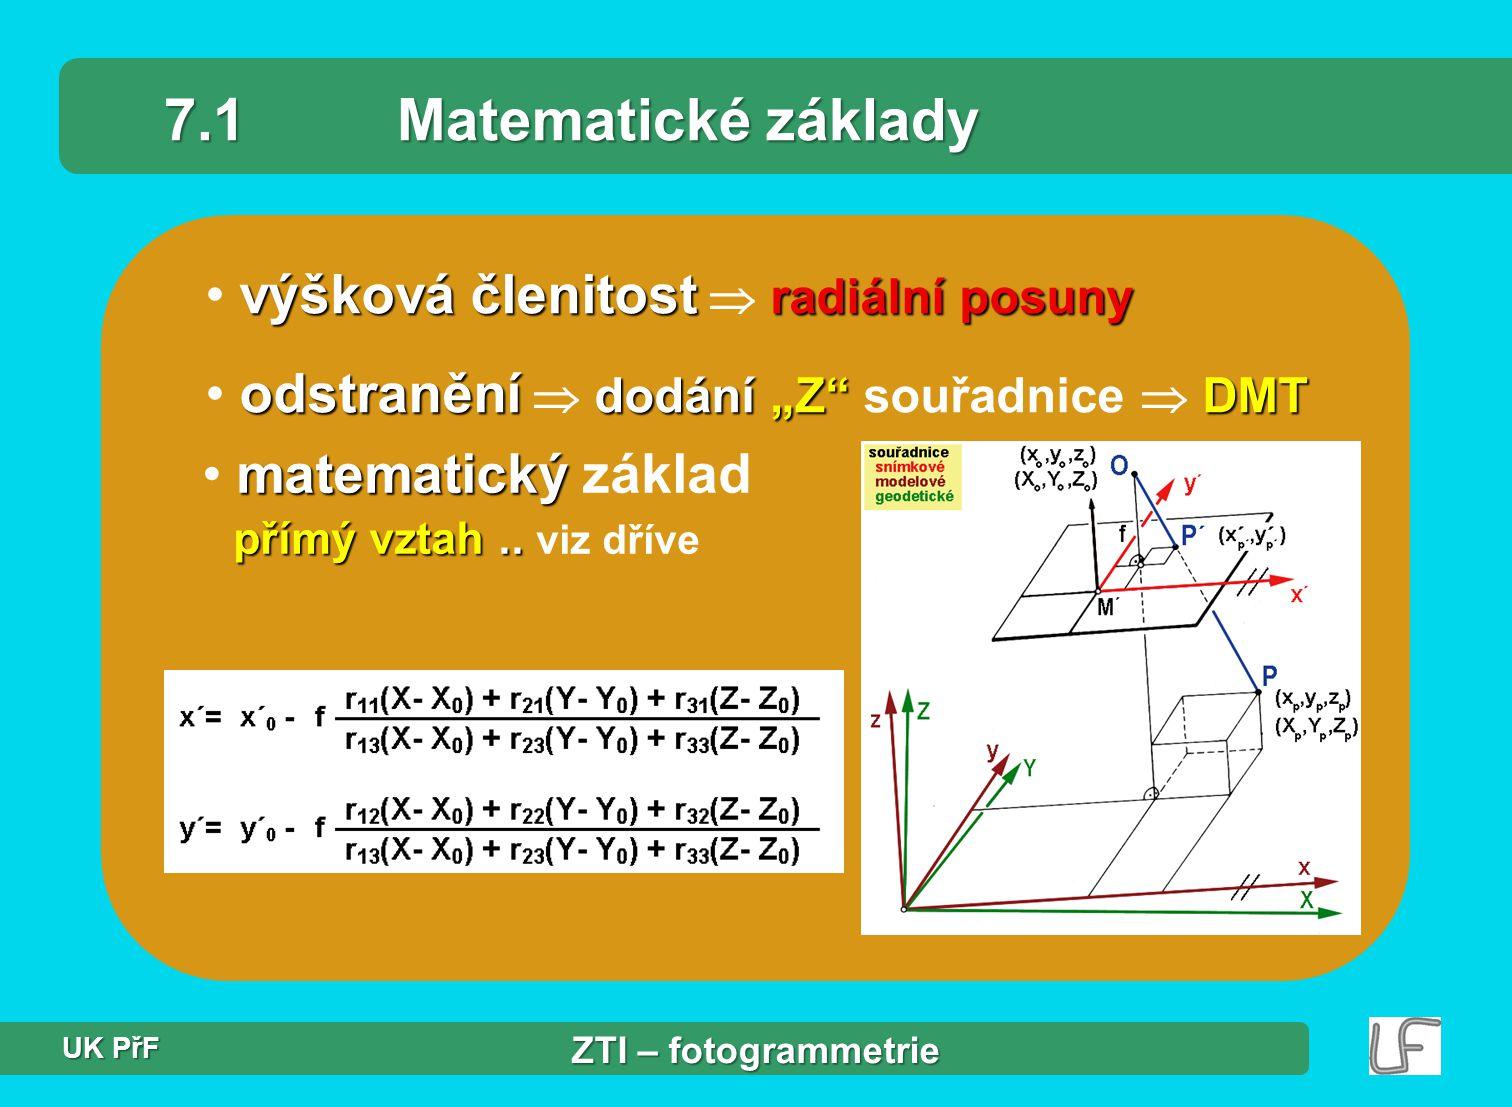 """výšková členitost radiální posuny výšková členitost  radiální posuny odstranění dodání""""Z DMT odstranění  dodání """"Z souřadnice  DMT 7.1Matematické základy matematický přímý vztah.."""